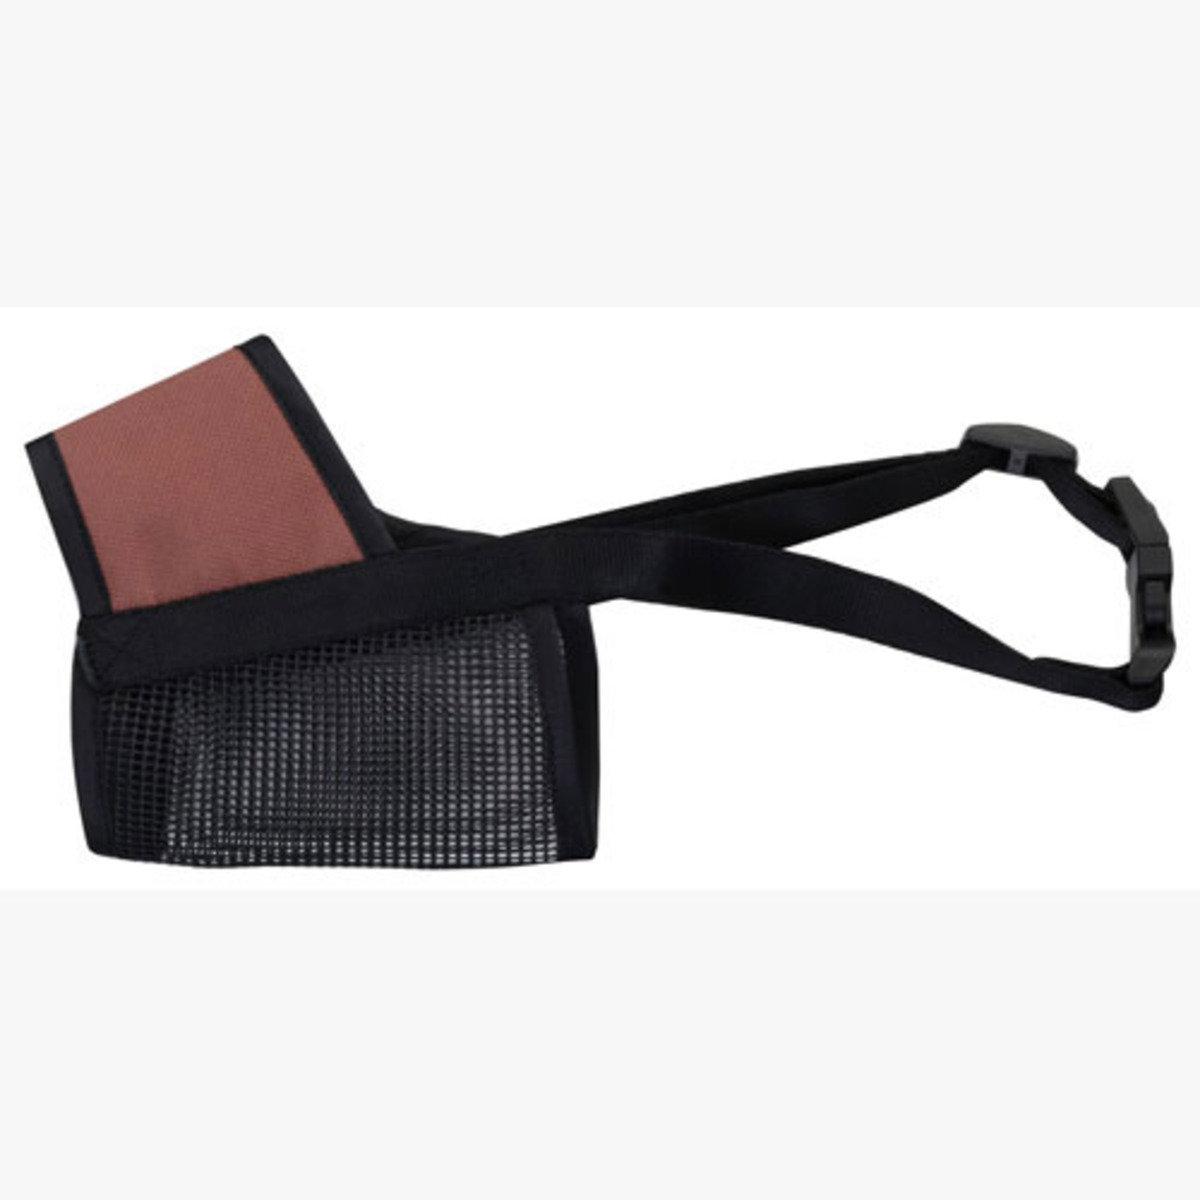 柔軟透氣口罩 #7(W53106)